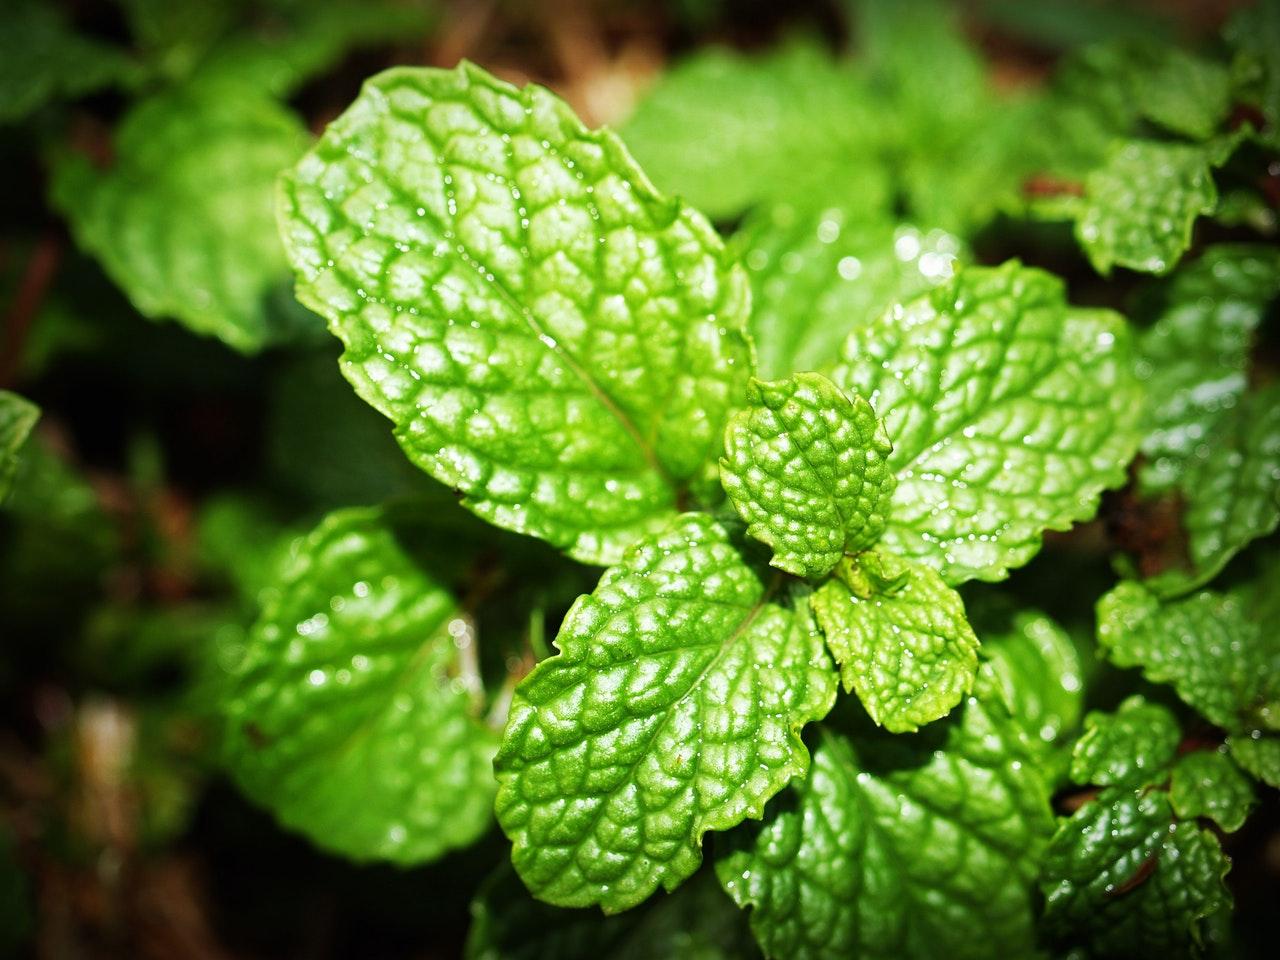 bienfaits-huile-essentielle-menthe-verte-mentha-spicata